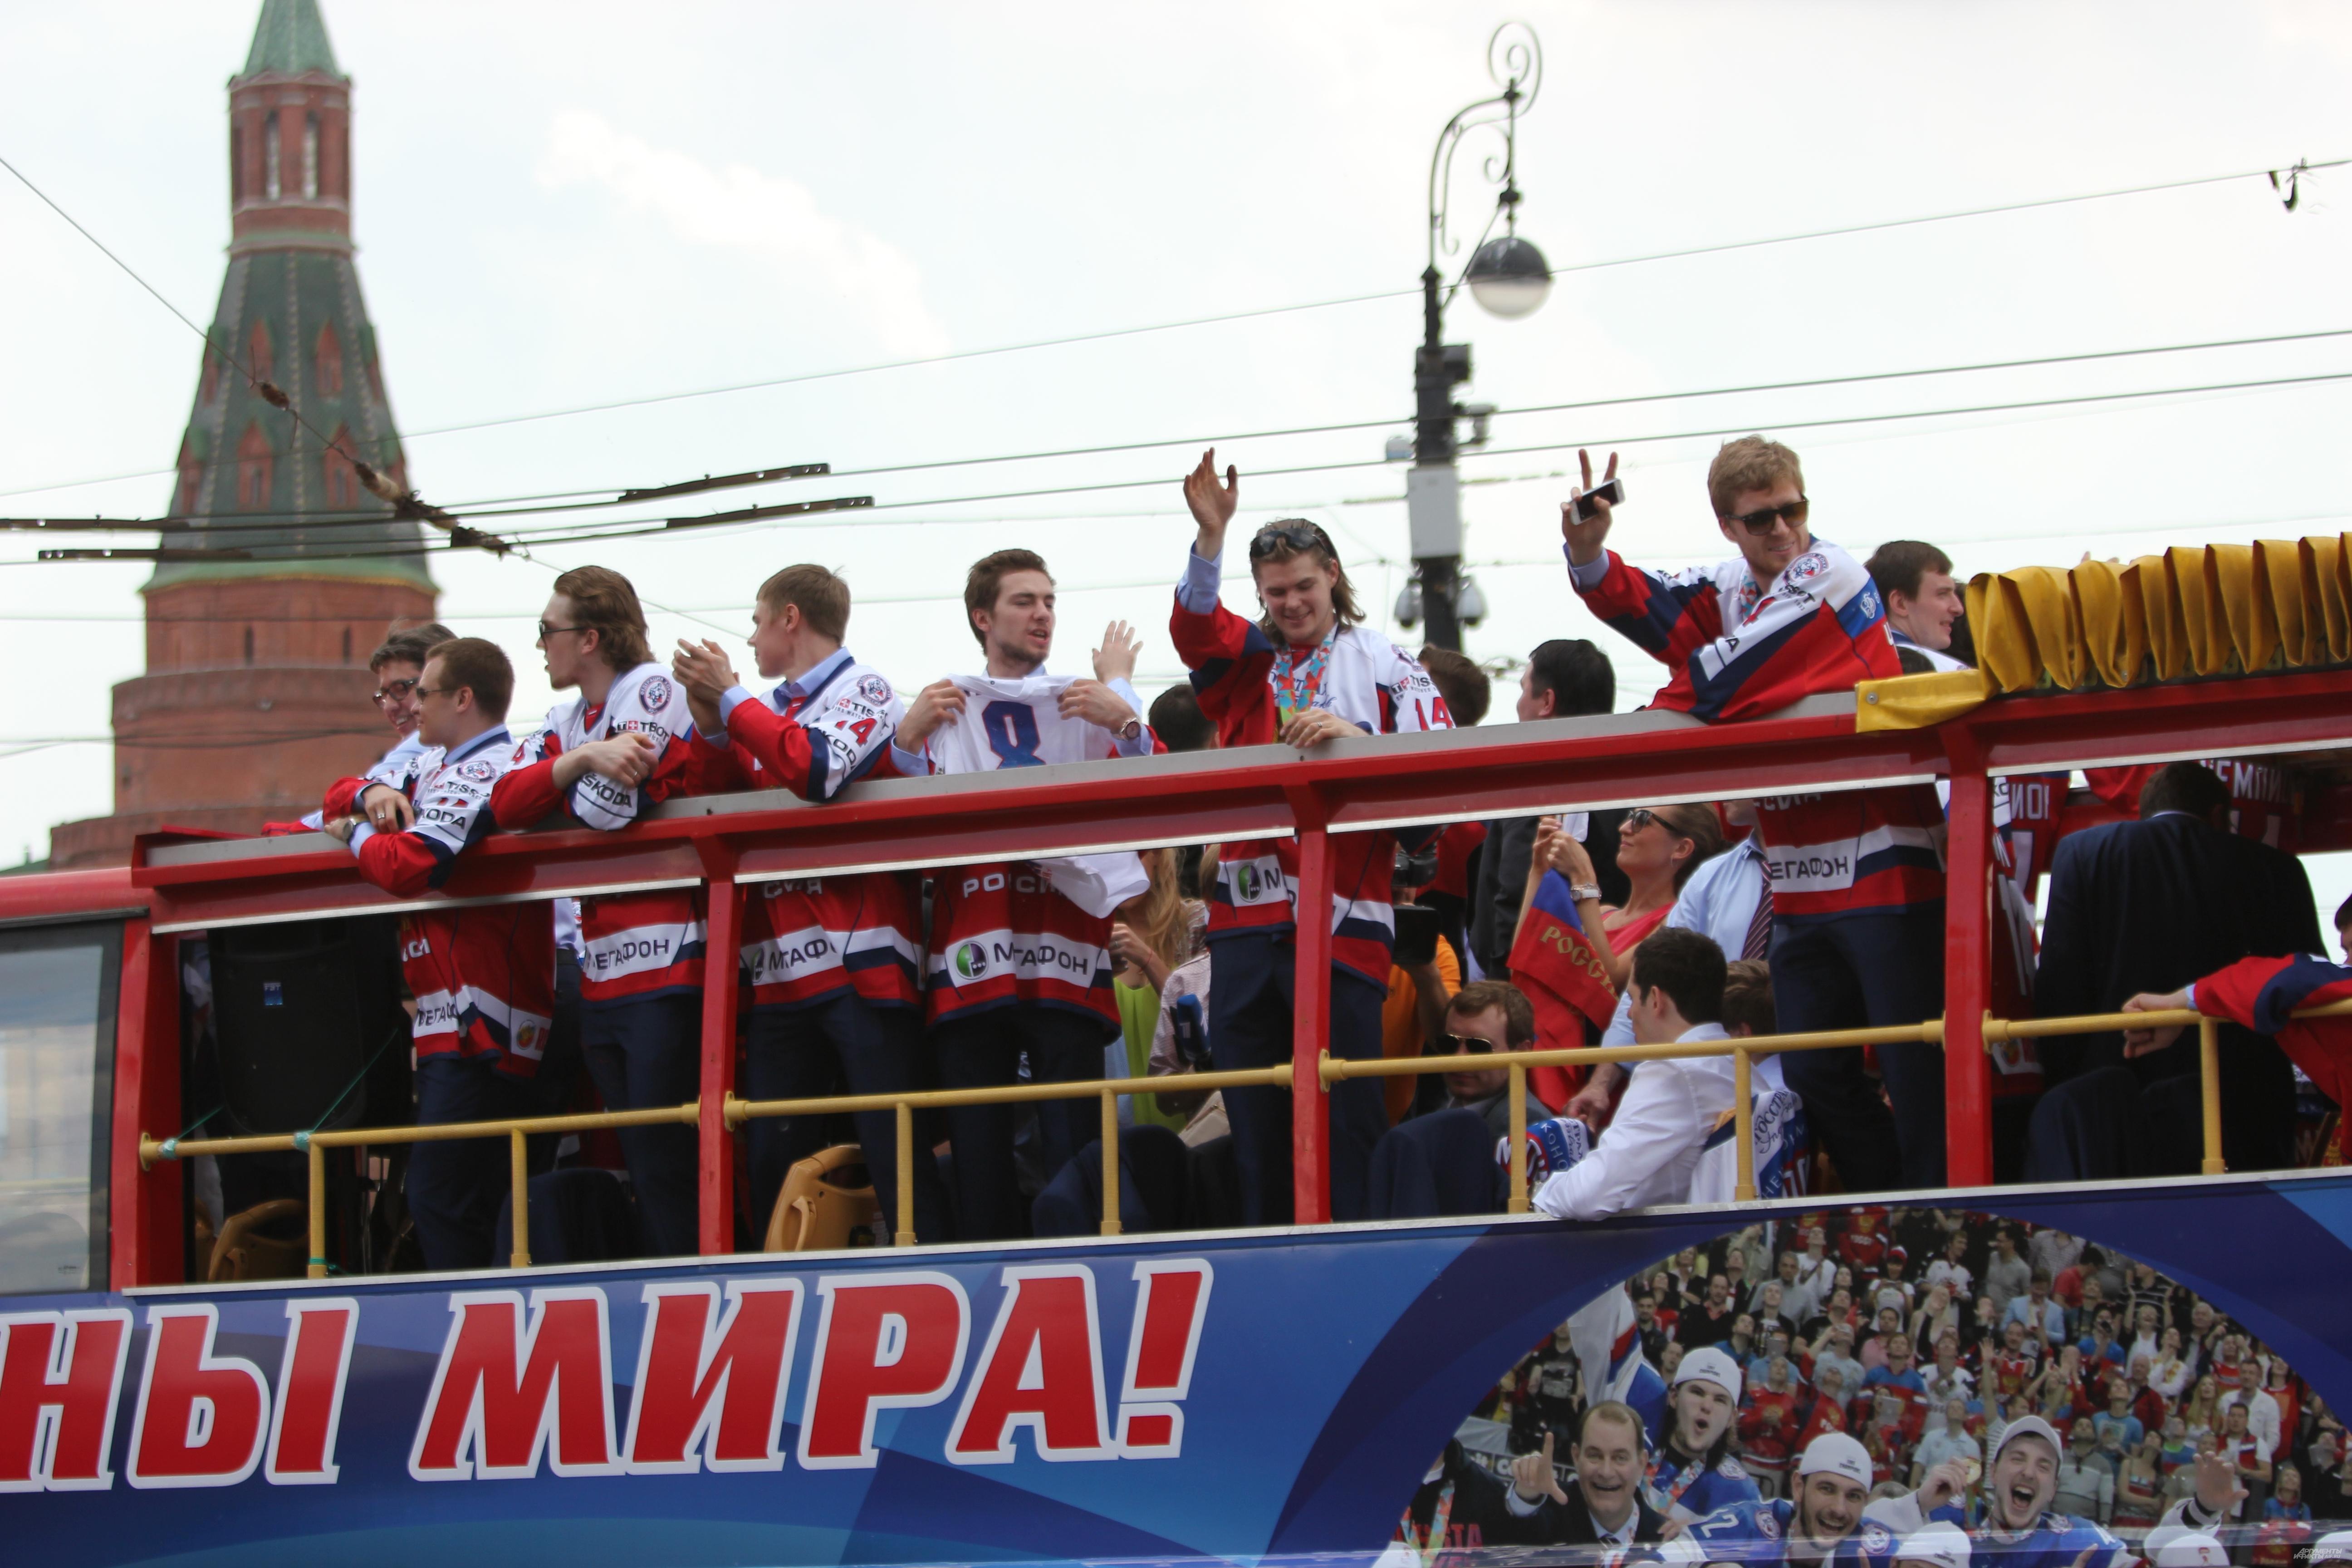 Игроки сборной России во время поездки по Москве с завоеванным кубком чемпионата мира по хоккею